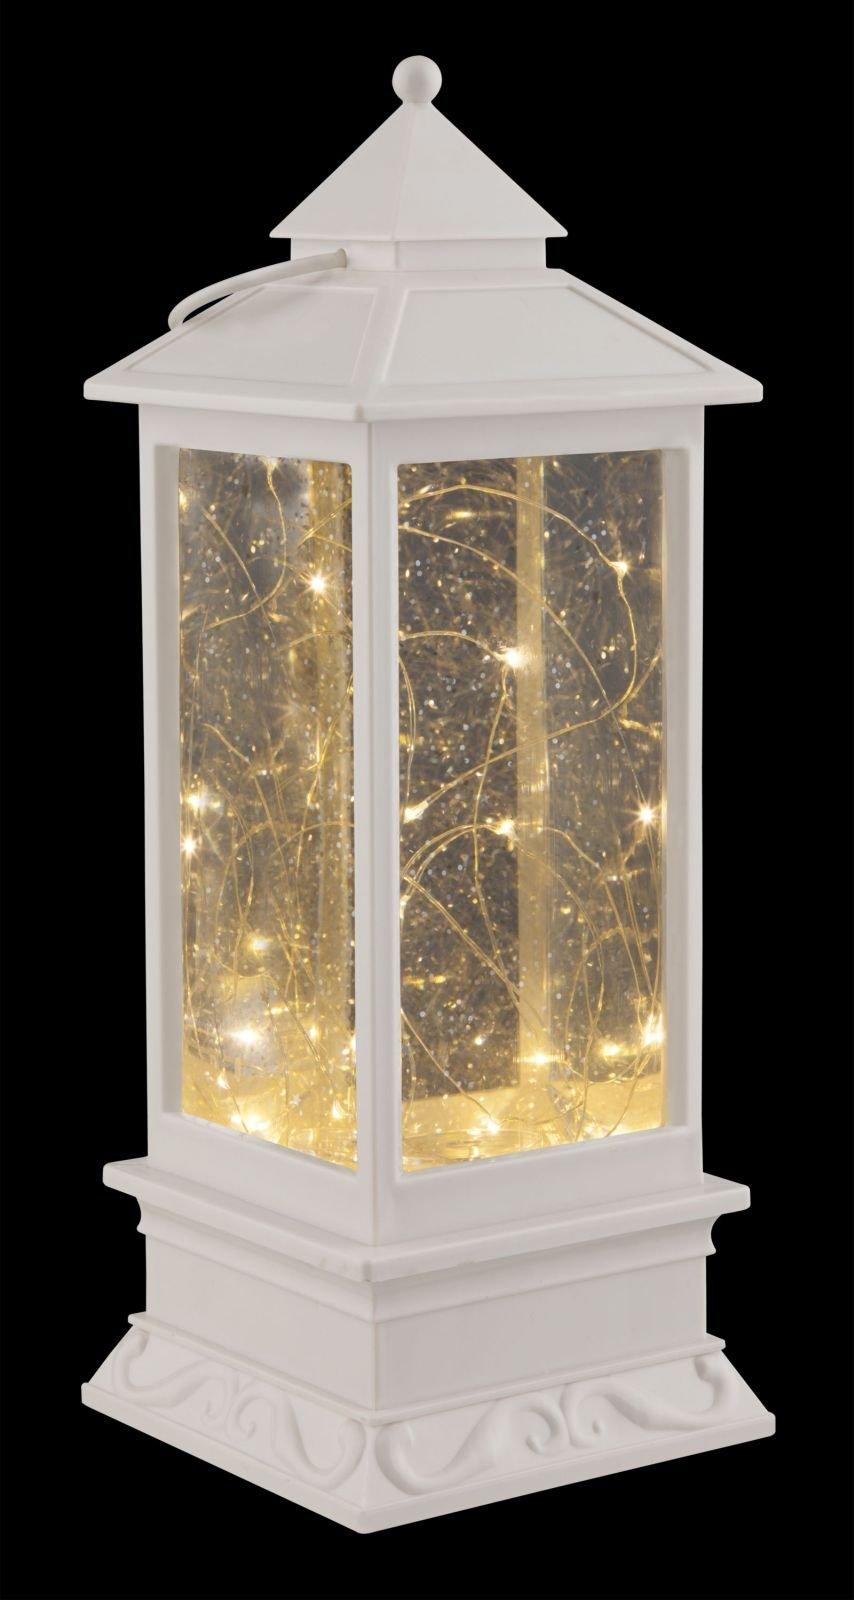 LED-Laterne-mit-Beleuchtung-Lichterkette-Tischleuchte-3D-Effekt-Batterie-und-Strom-Betrieb-Wei-Tischlampe-Weihnachtsdeko-Weihnachtsbeleuchtung-Hhe-28-cm